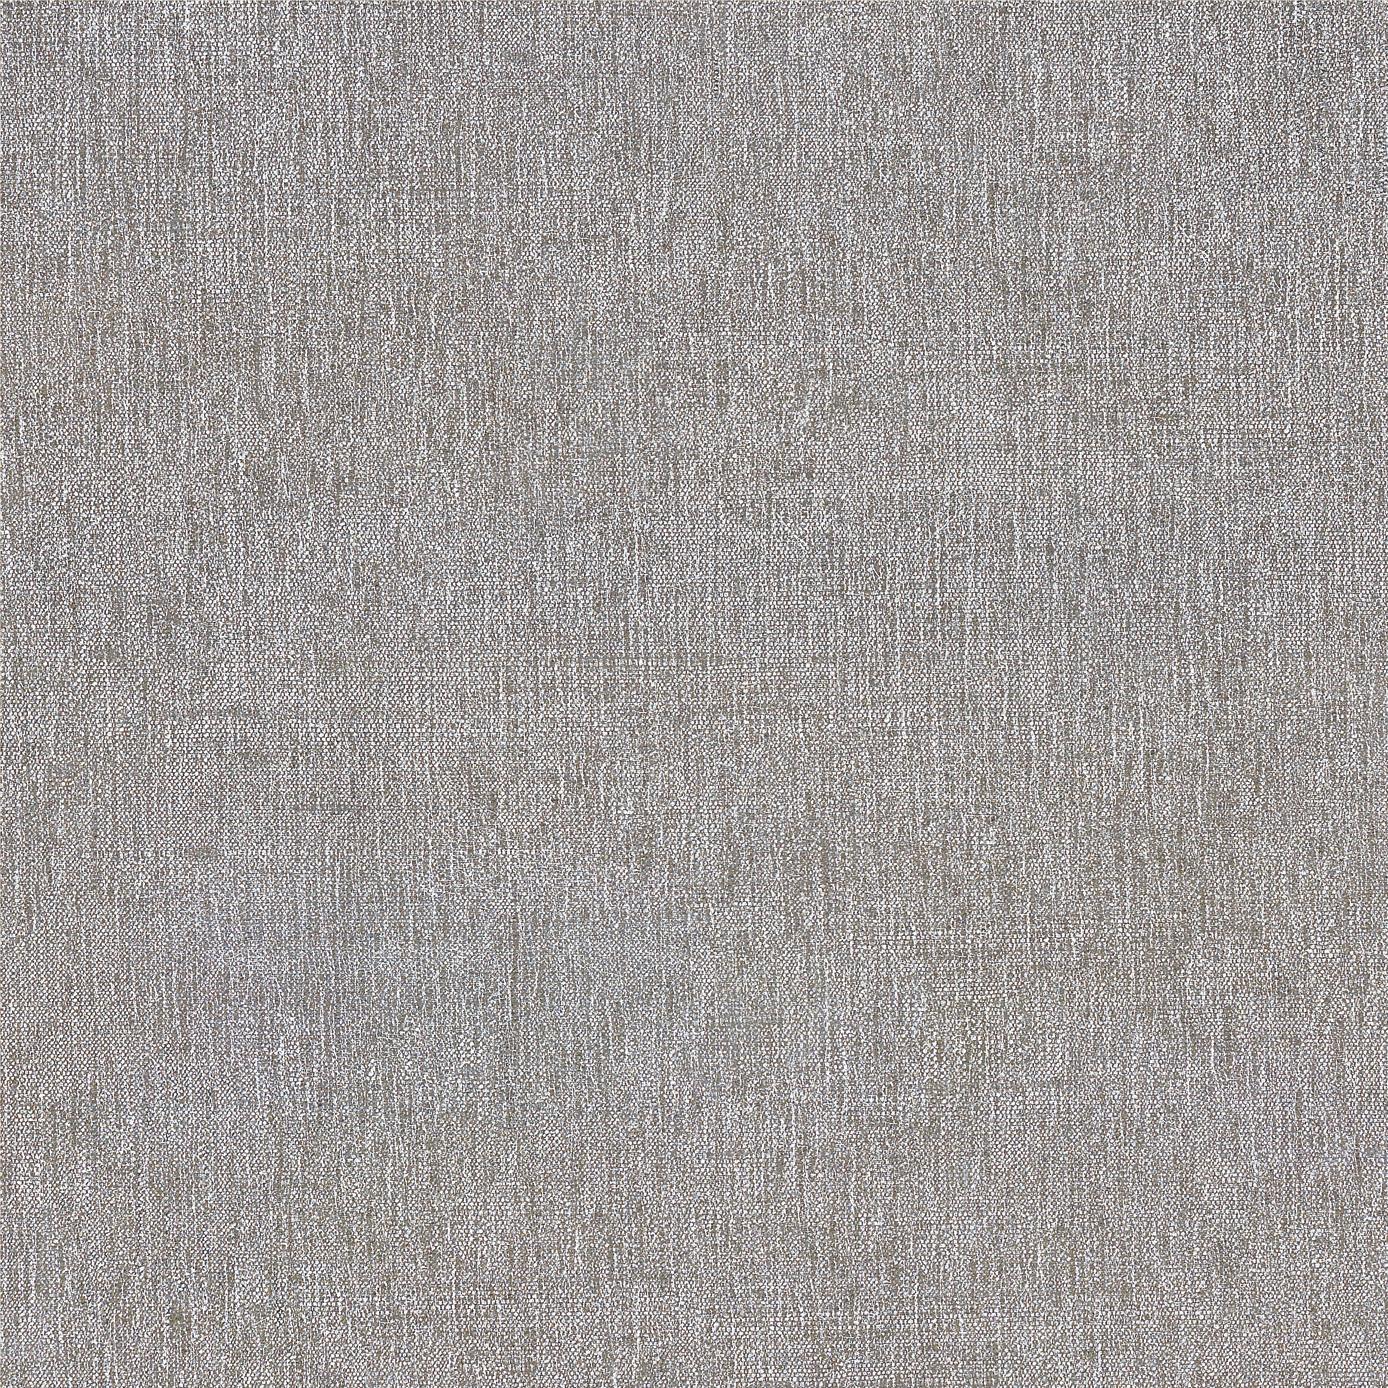 博德瓷砖之布纹系列